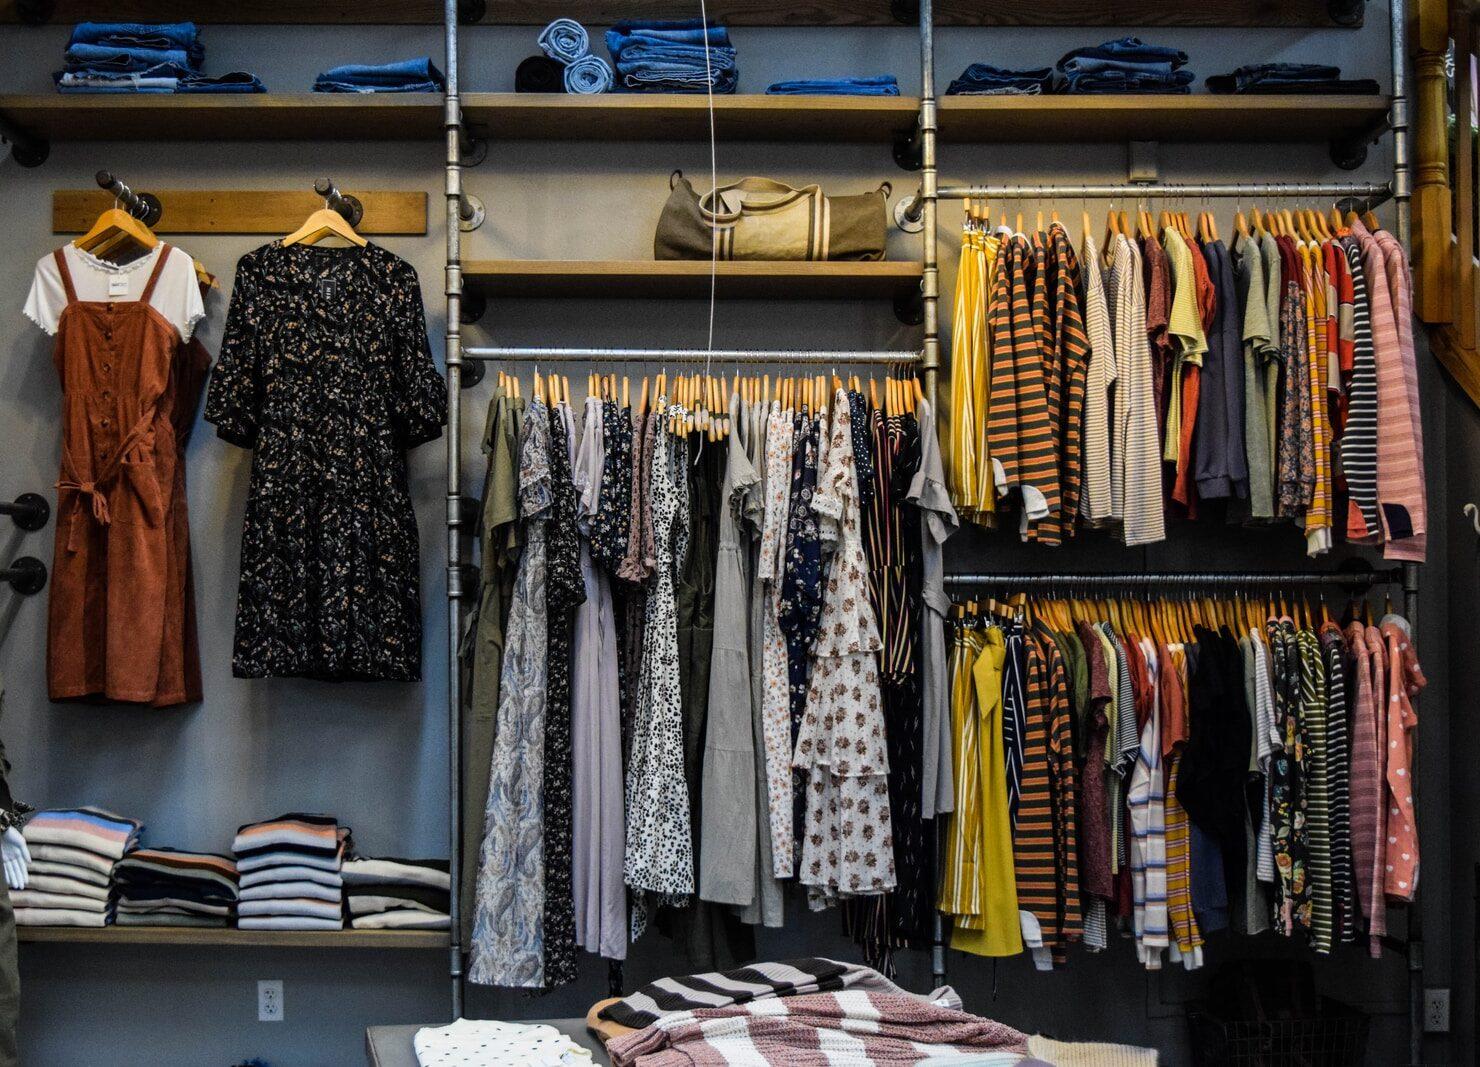 δωμάτιο με ρούχα στο σπίτι